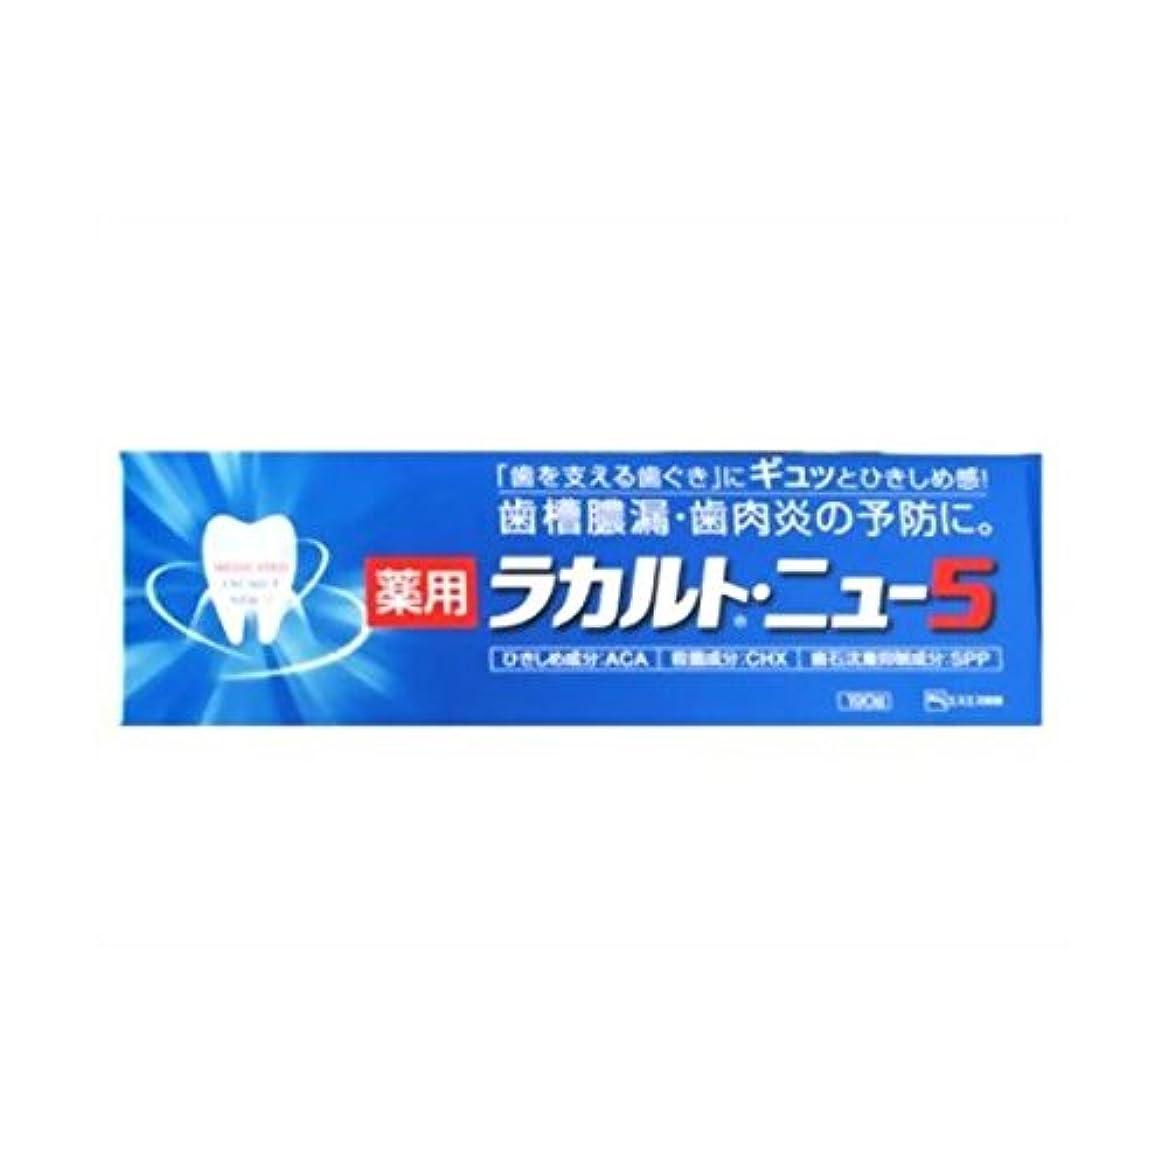 強要キルス興奮【お徳用 3 セット】 薬用ラカルトニュー5 190g×3セット